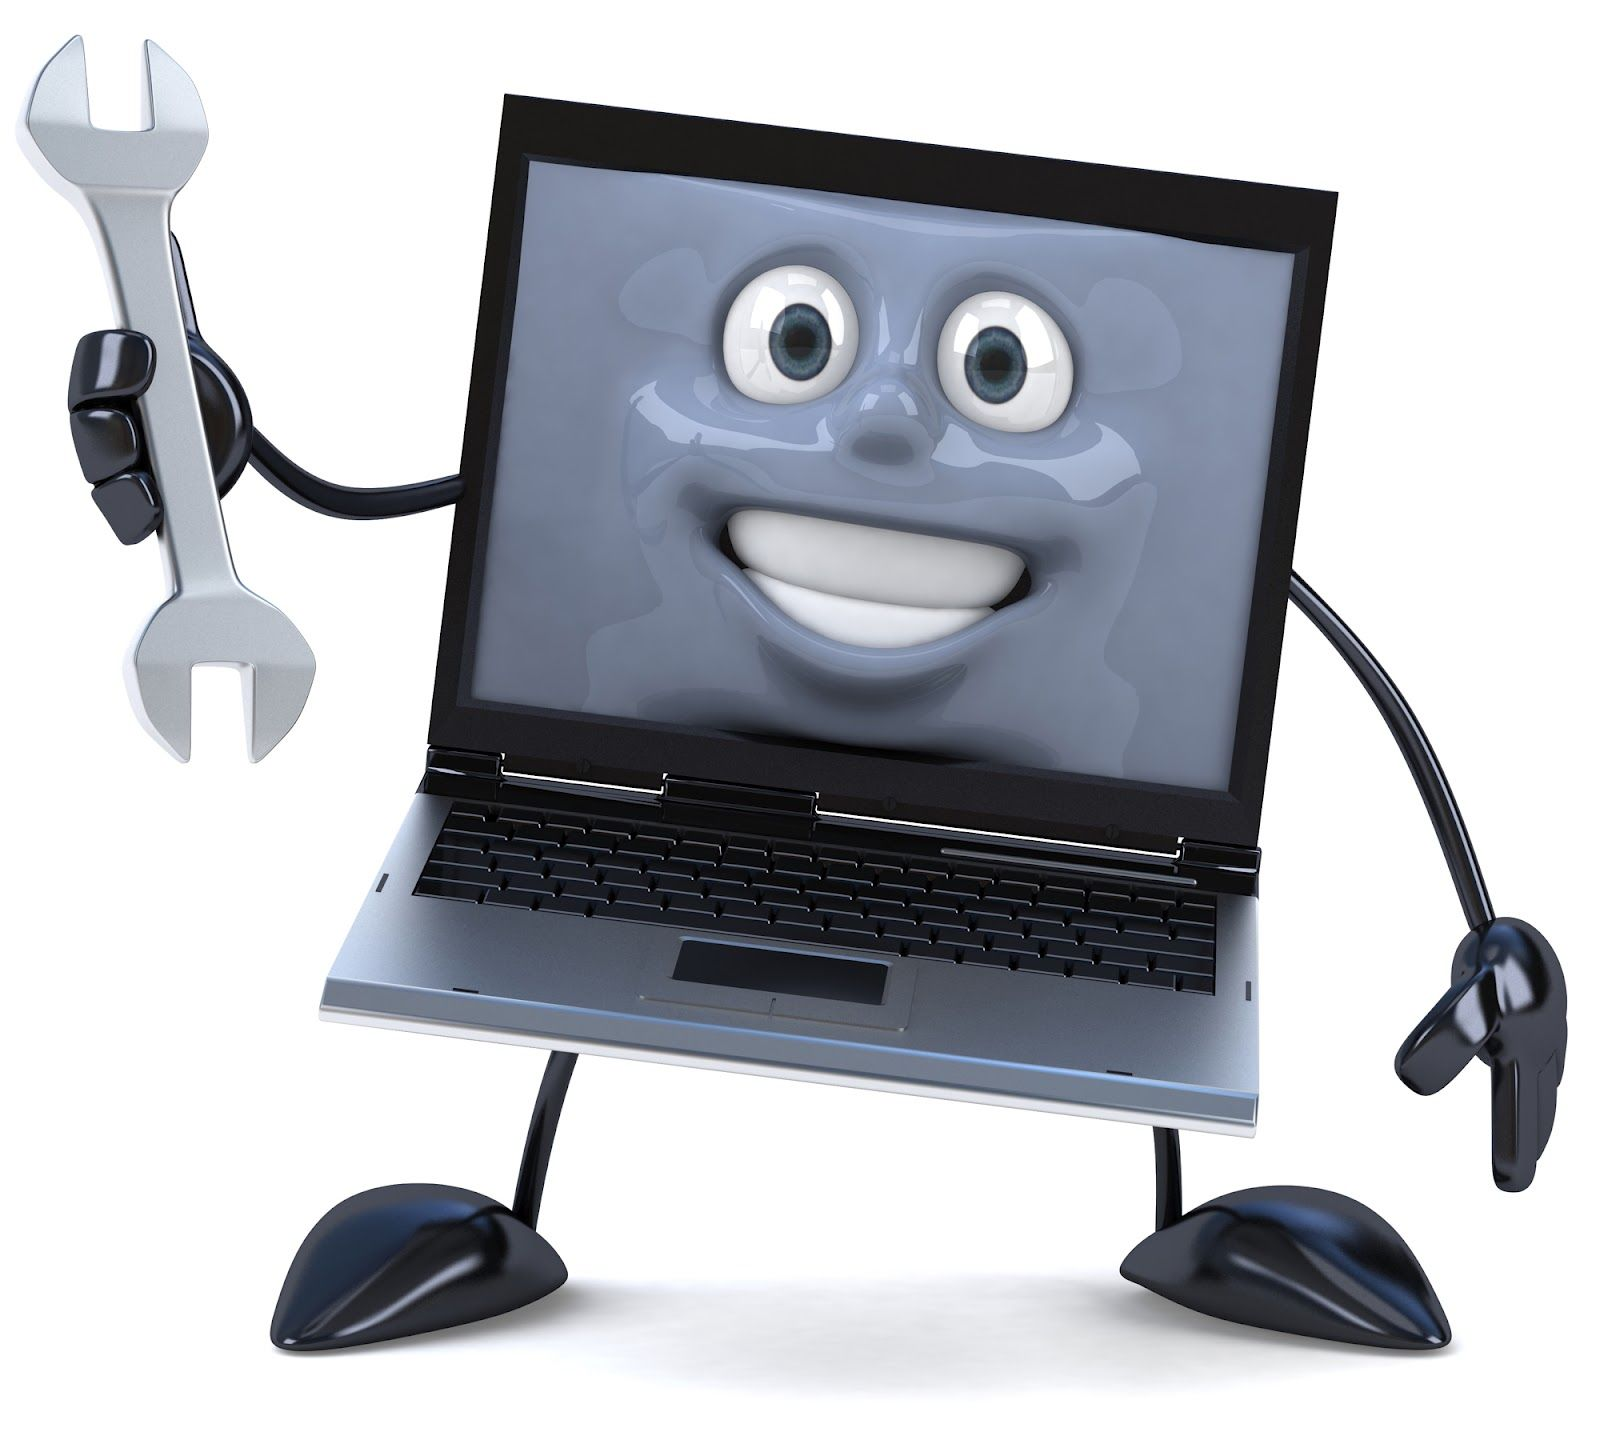 Malware-terminators.com